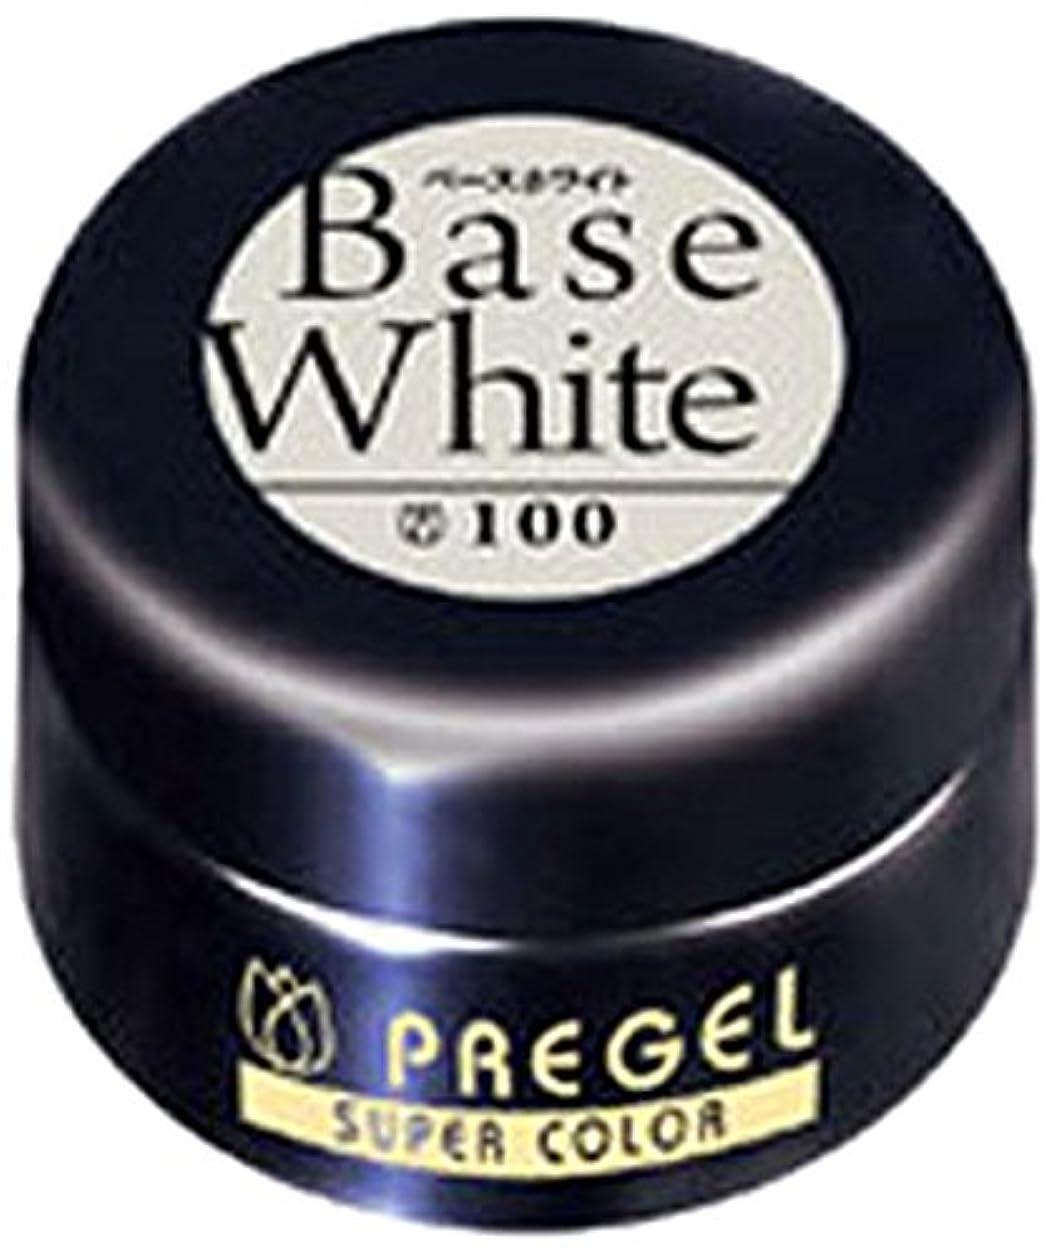 ハッチリマ告白するプリジェル スーパーカラーEX ベースホワイト 4g PG-SE100 カラージェル